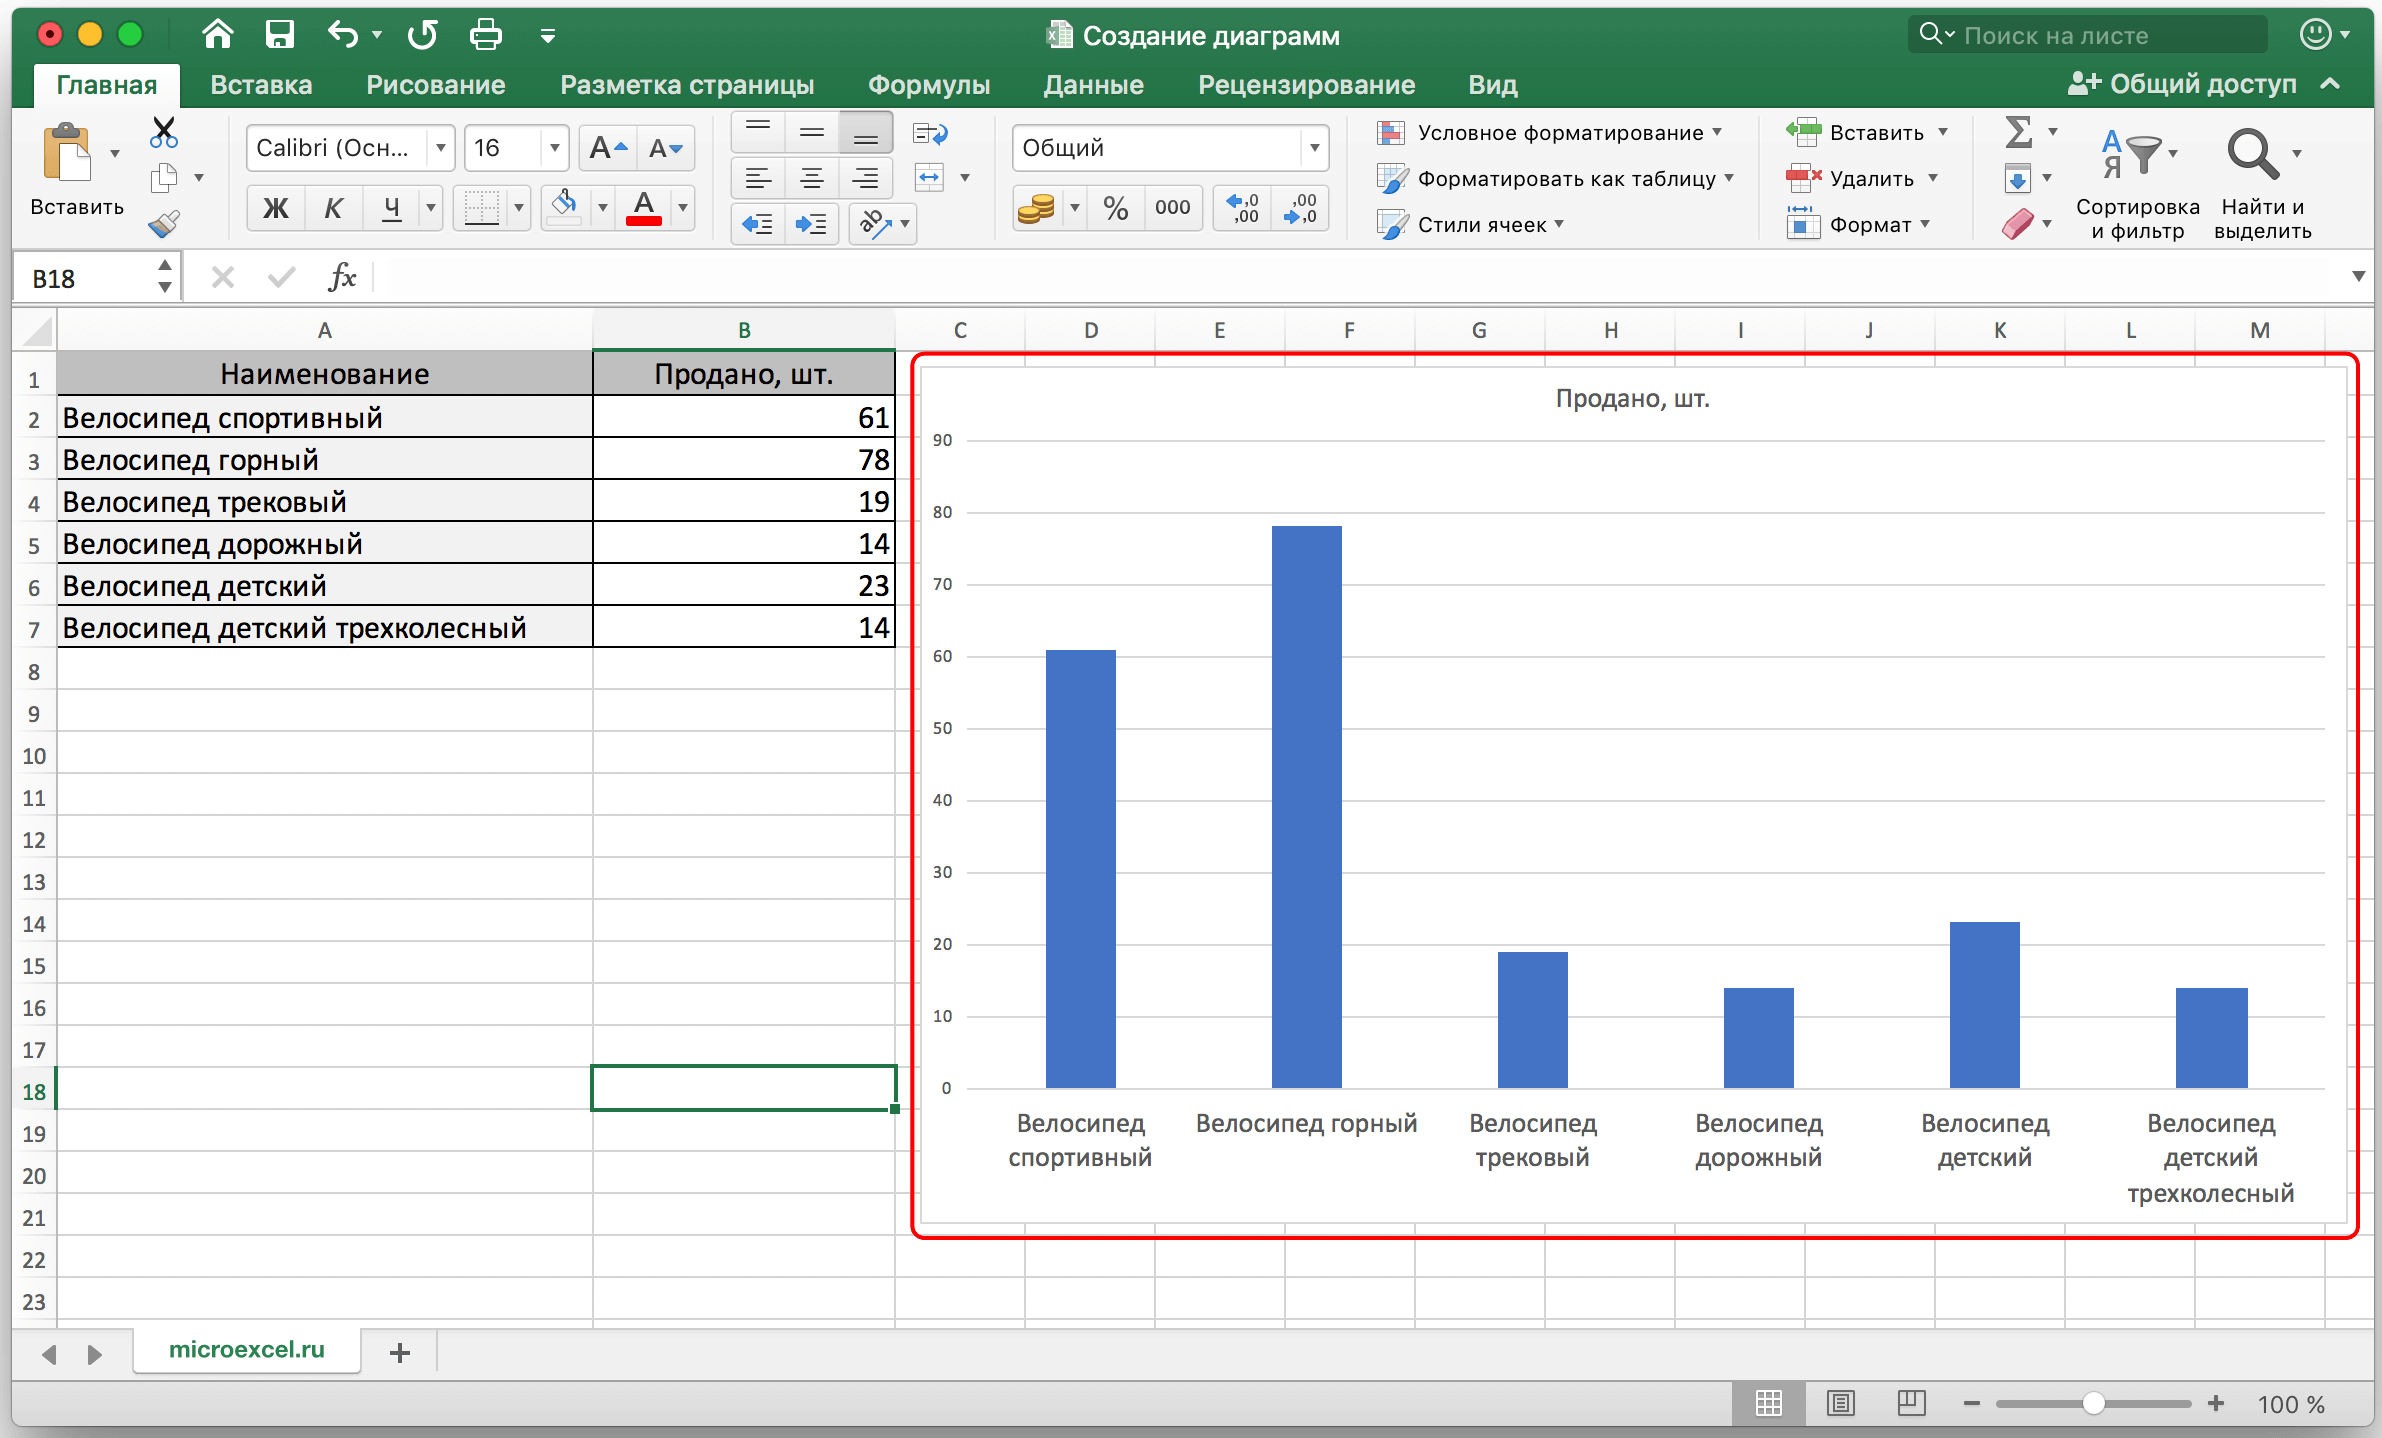 Как построить диаграмму в программе excel